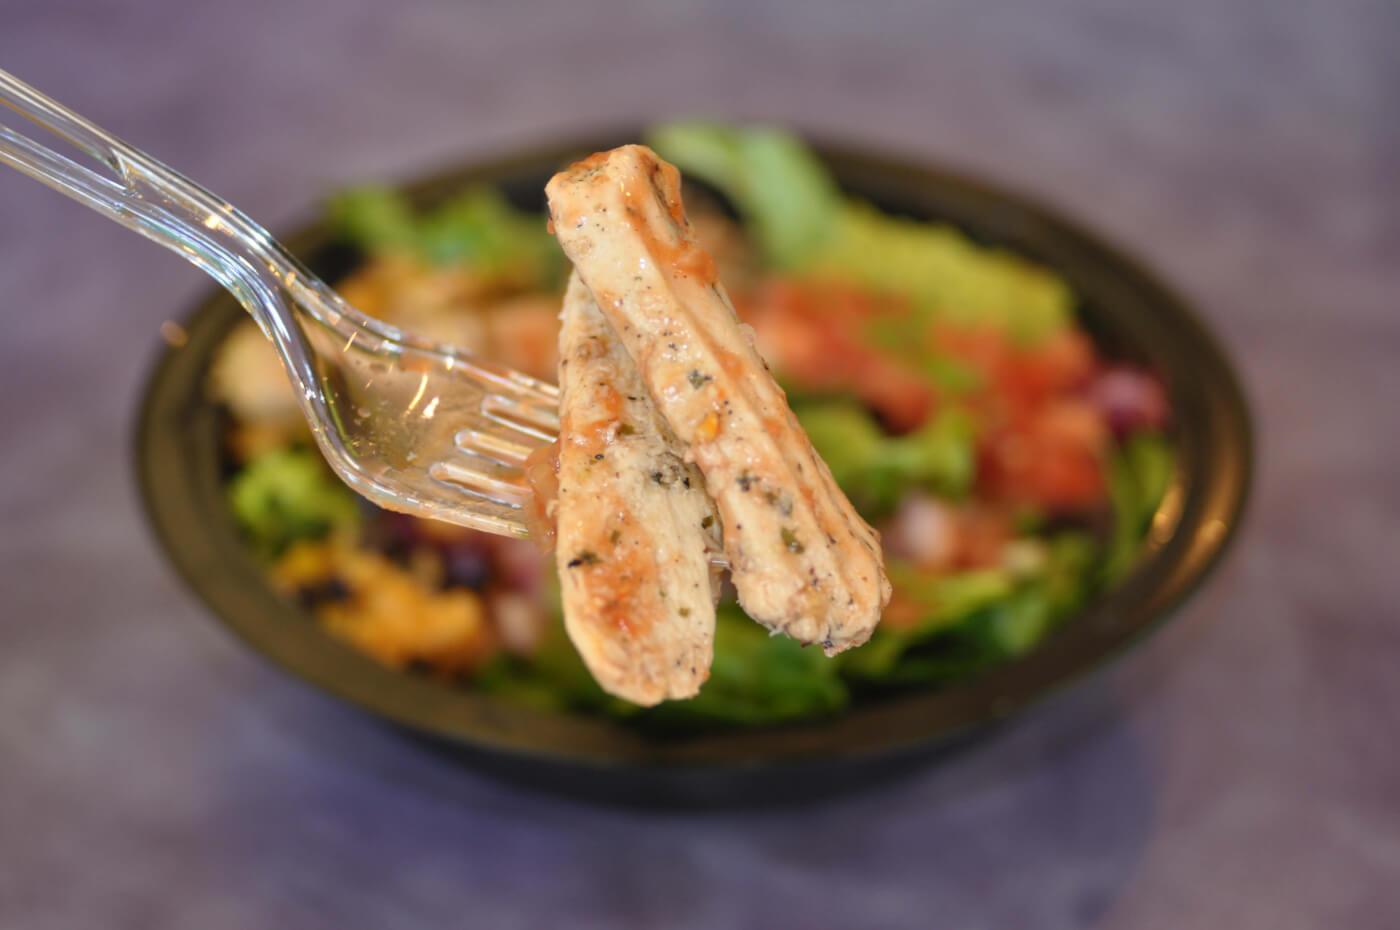 Tropical smoothie cafe chicken caesar salad for Tropical smoothie palm beach gardens